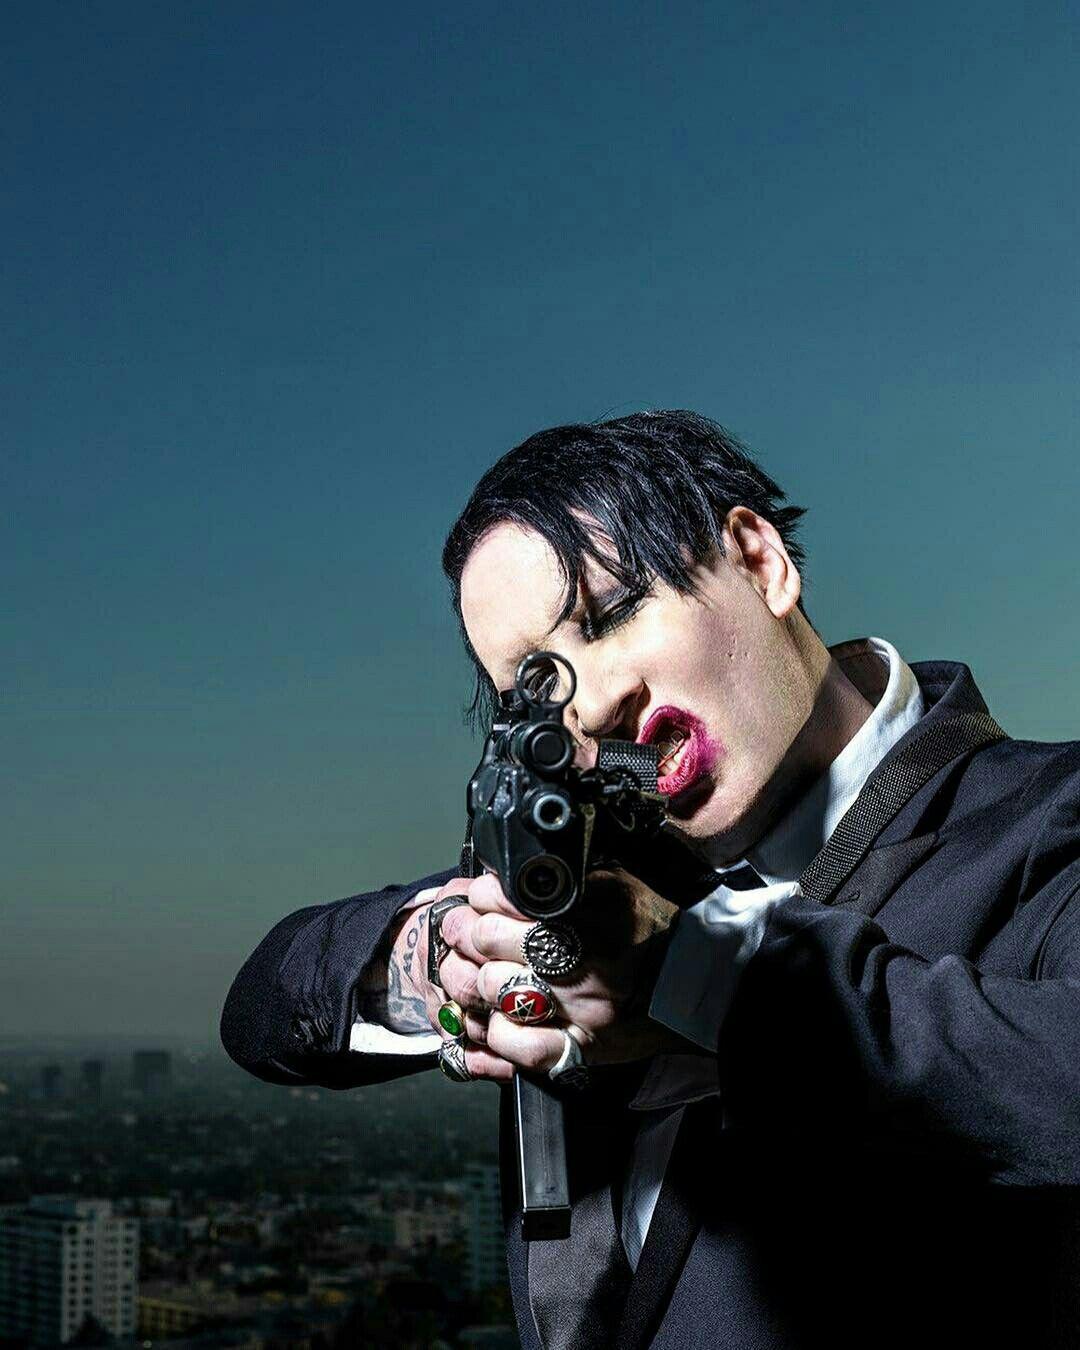 Marilyn Manson  You better run, cause we got guns    | bands